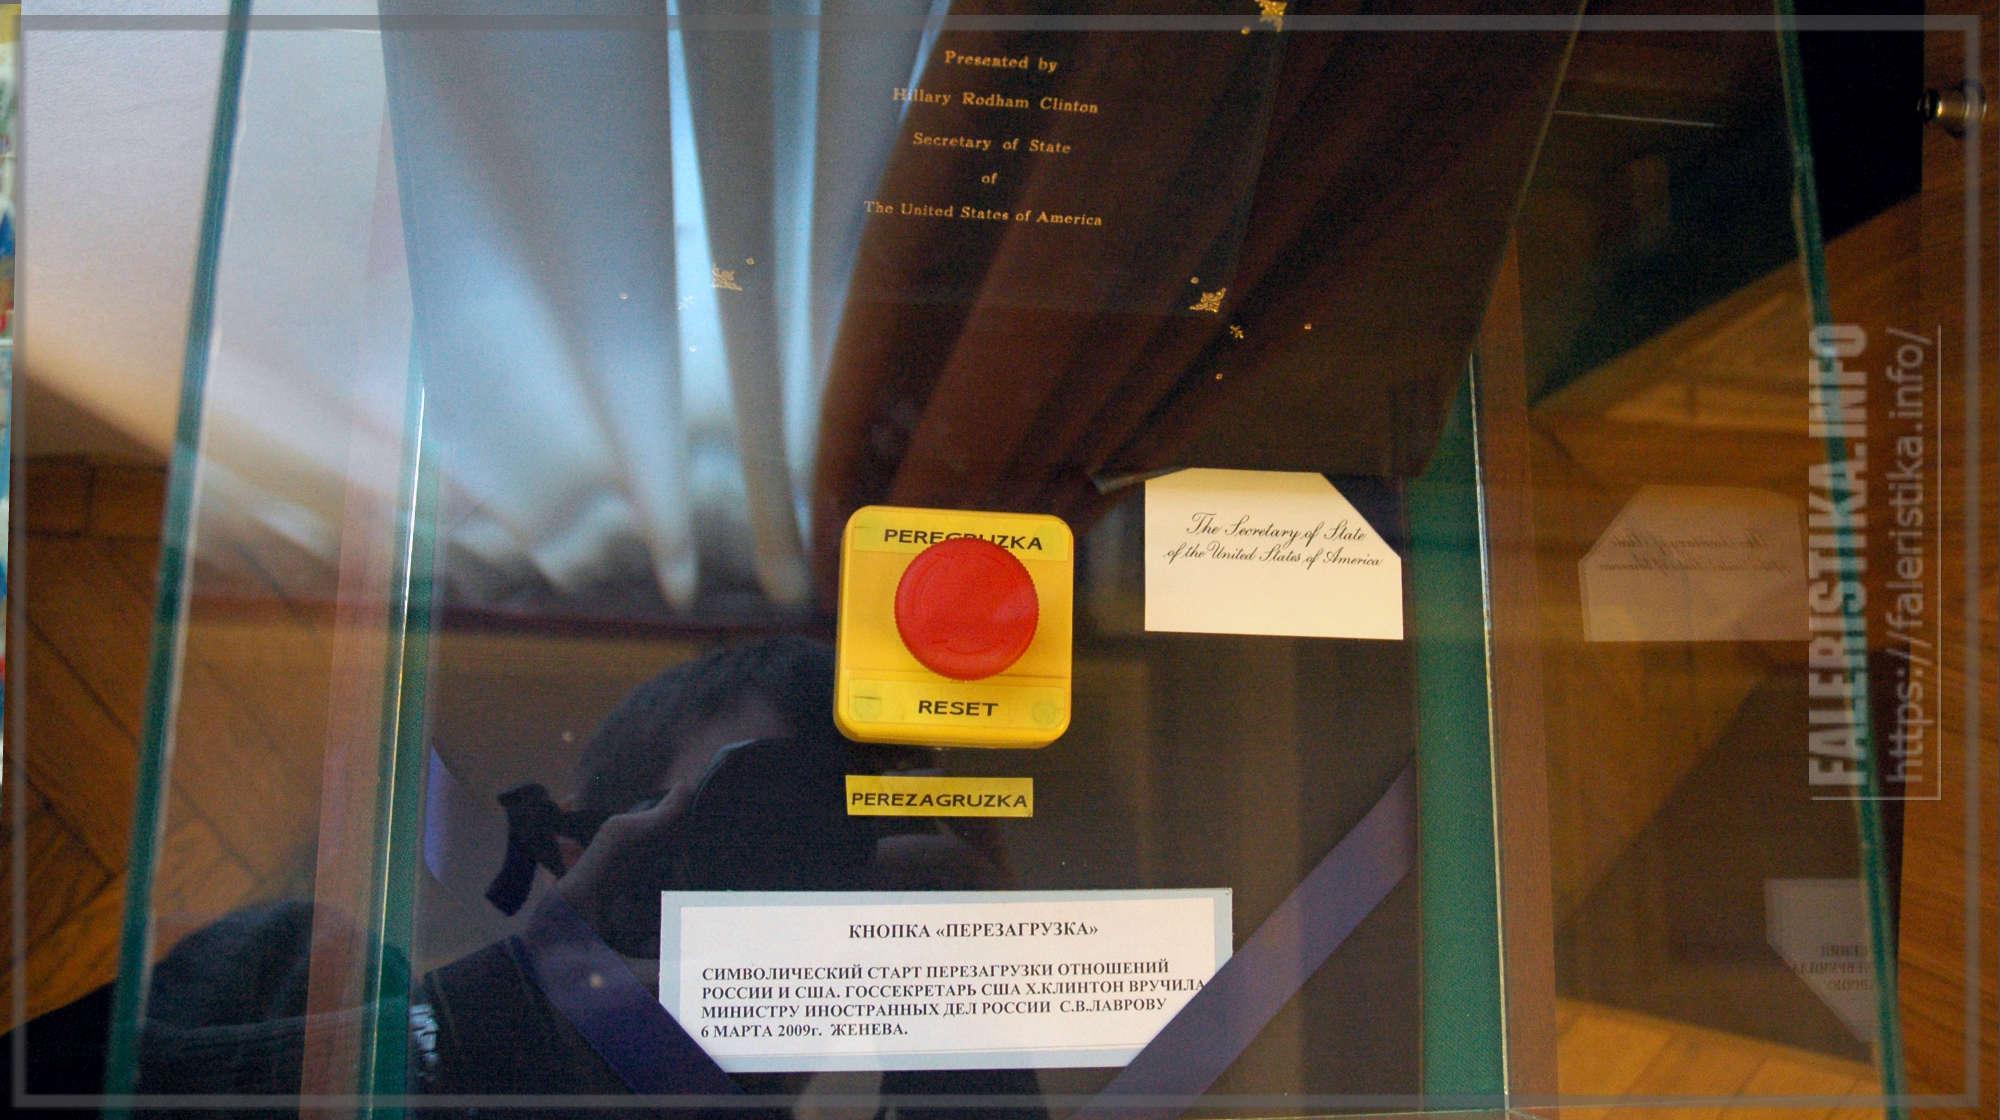 Кнопка «Перезагрузка» [ошибочная надпись «PEREGRUZKA»]. Символический старт перезагрузки отношений России и США. Госсекретарь США Хилари Клинтон вручила Министру иностранных дел России Сергею Лаврову 6 марта 2009 года. Женева